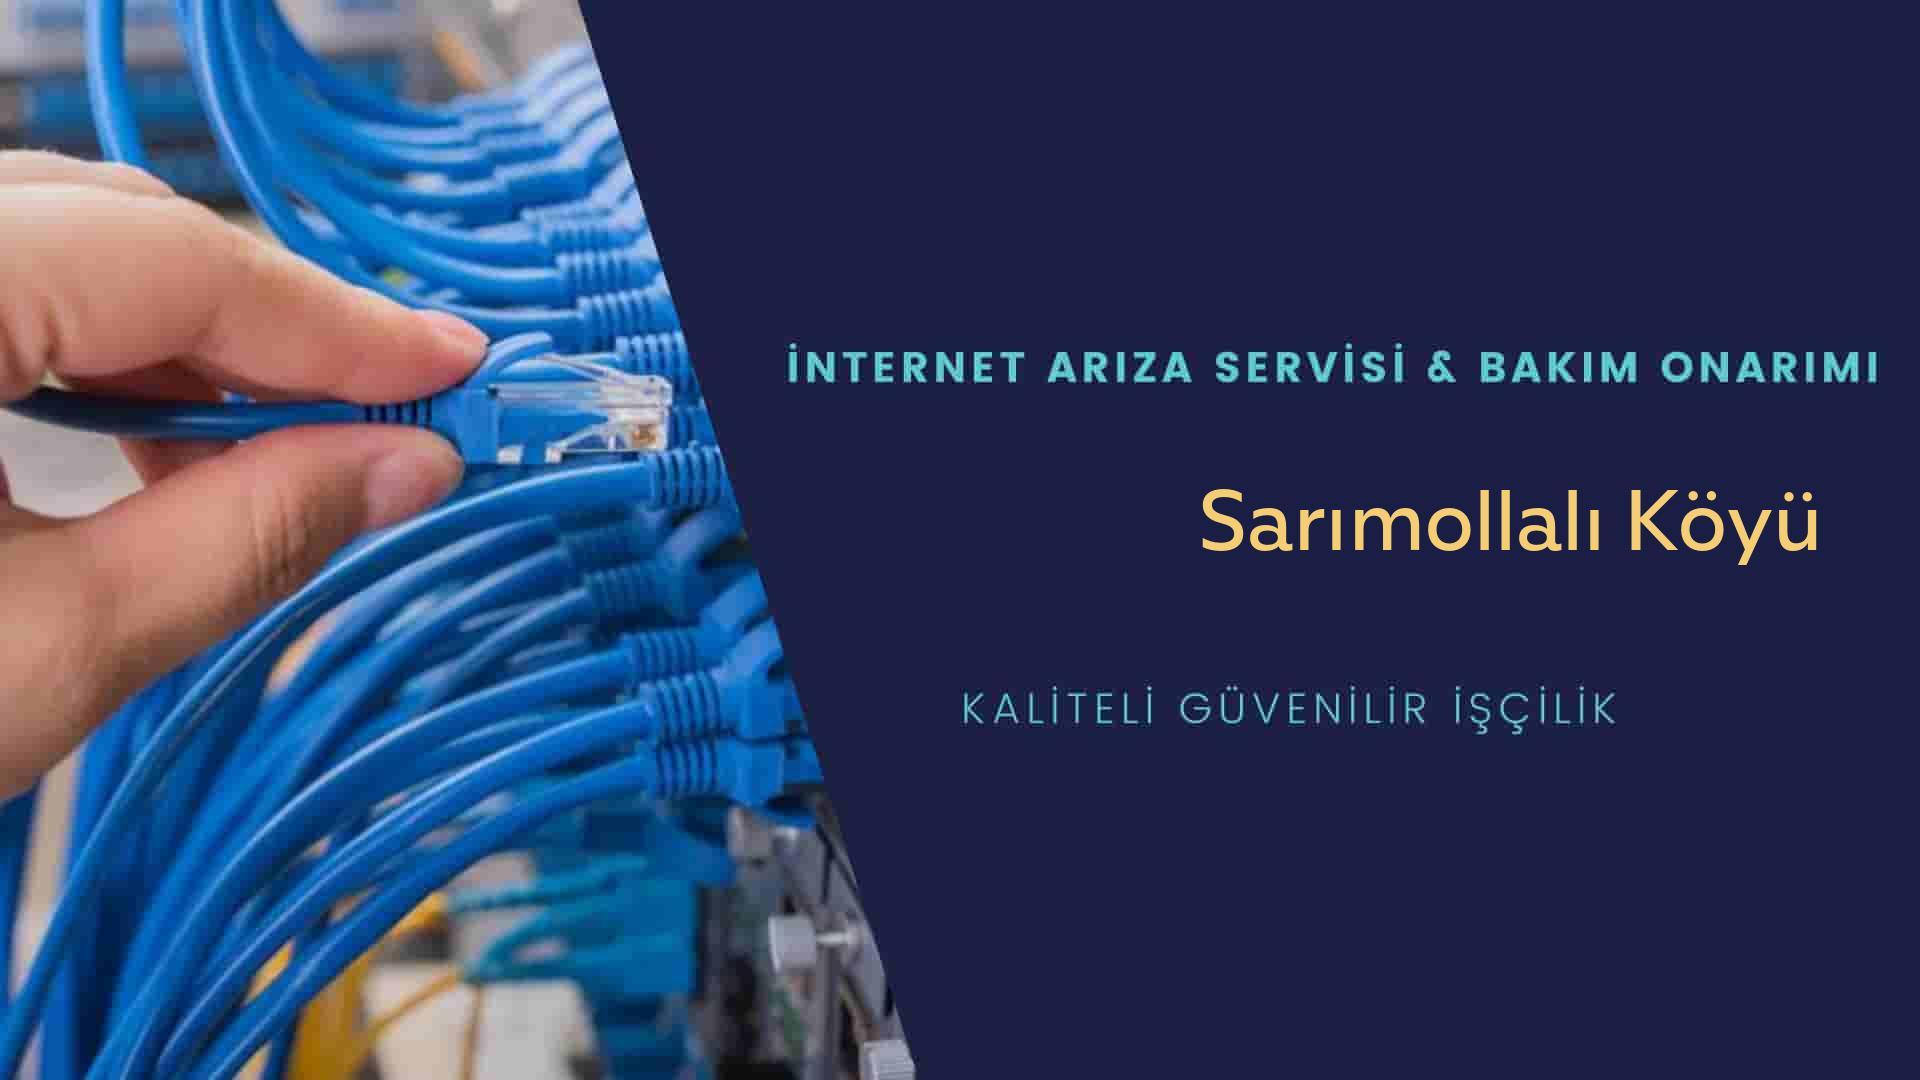 Sarımollalı Köyü internet kablosu çekimi yapan yerler veya elektrikçiler mi? arıyorsunuz doğru yerdesiniz o zaman sizlere 7/24 yardımcı olacak profesyonel ustalarımız bir telefon kadar yakındır size.